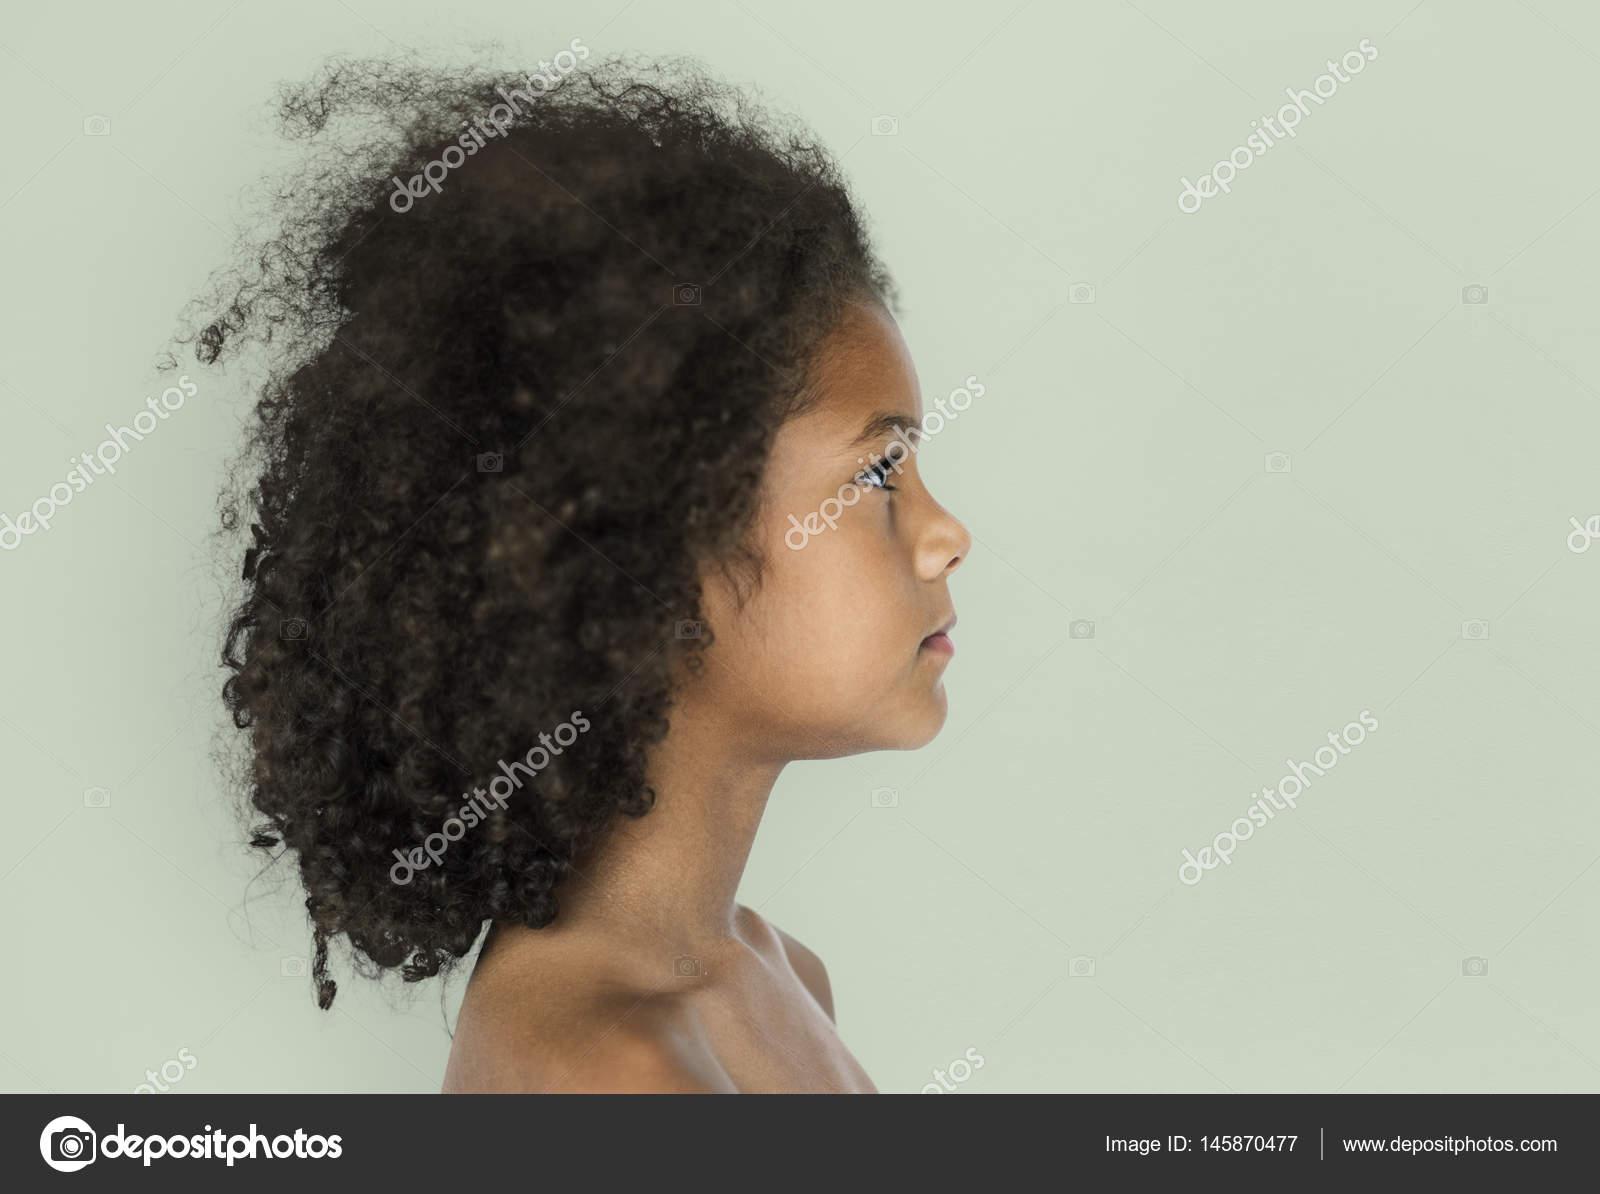 Afrikaanse kind met afro kapsel u2014 stockfoto © rawpixel #145870477